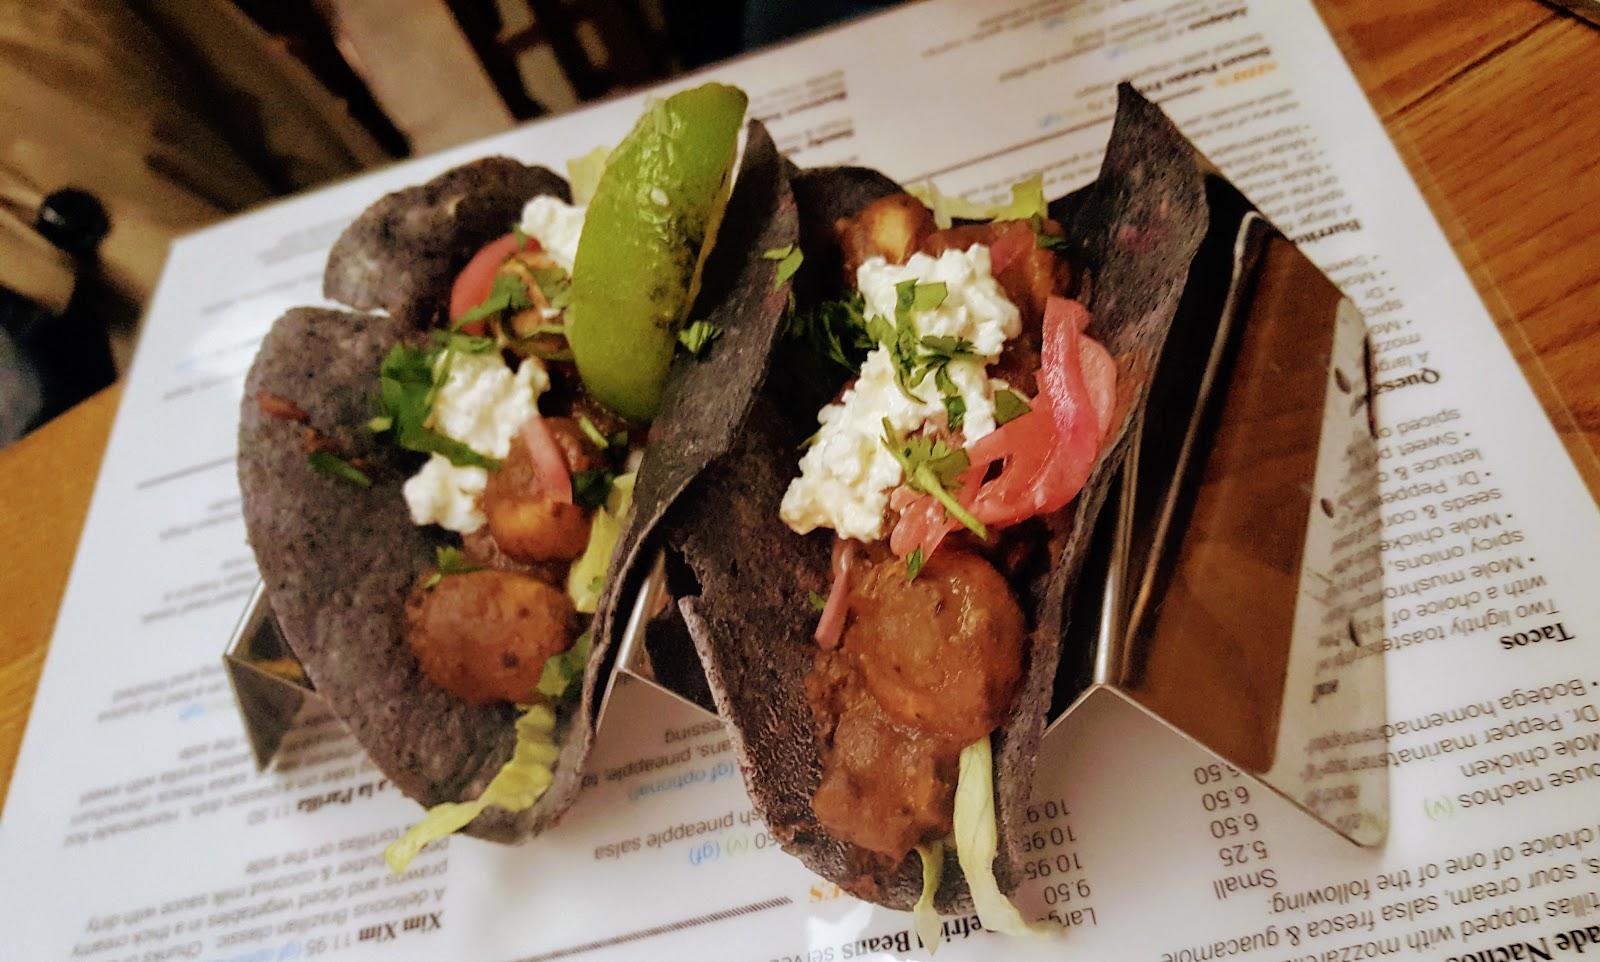 Bodega Leicester Review - mushroom tacos